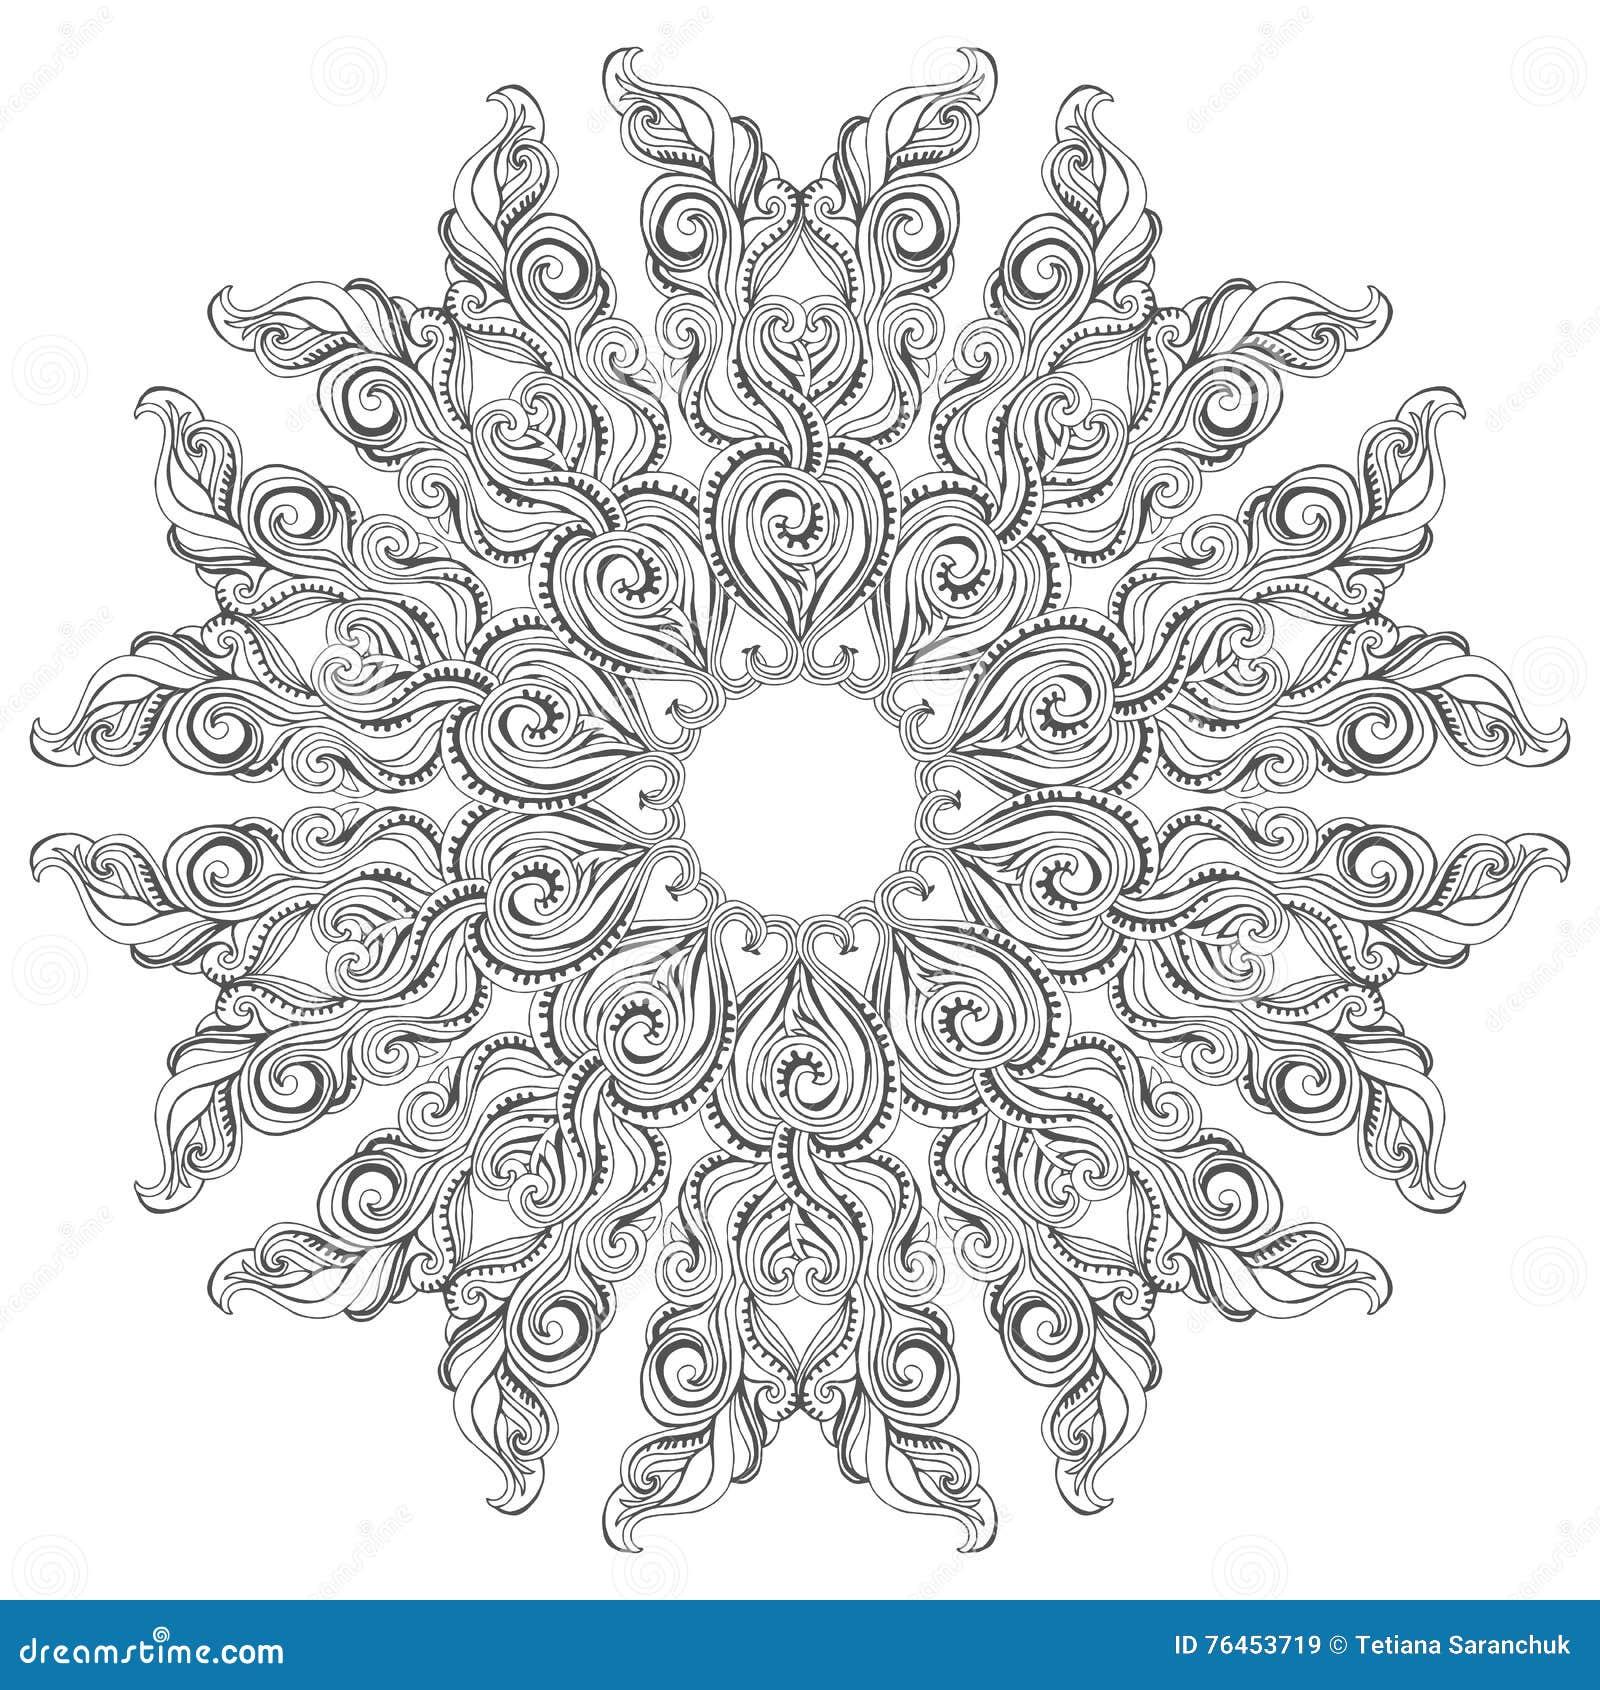 mandala coloring buchseite f r erwachsene und kinder vektor abbildung illustration von hand. Black Bedroom Furniture Sets. Home Design Ideas